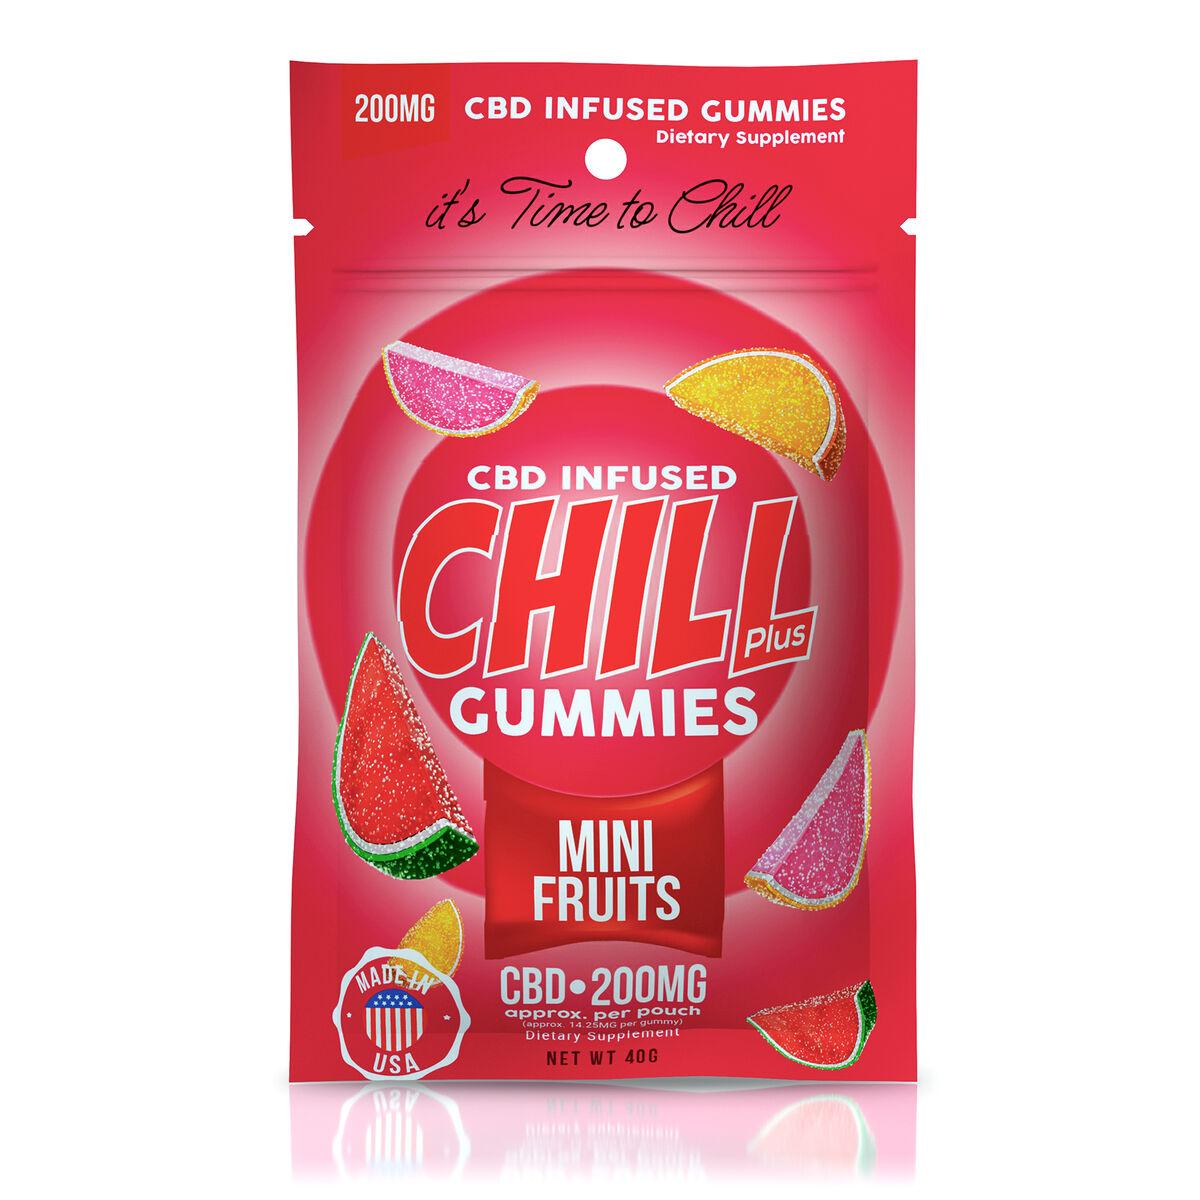 chill-plus-gummies-cbd-infused-mini-fruits-200mg_3